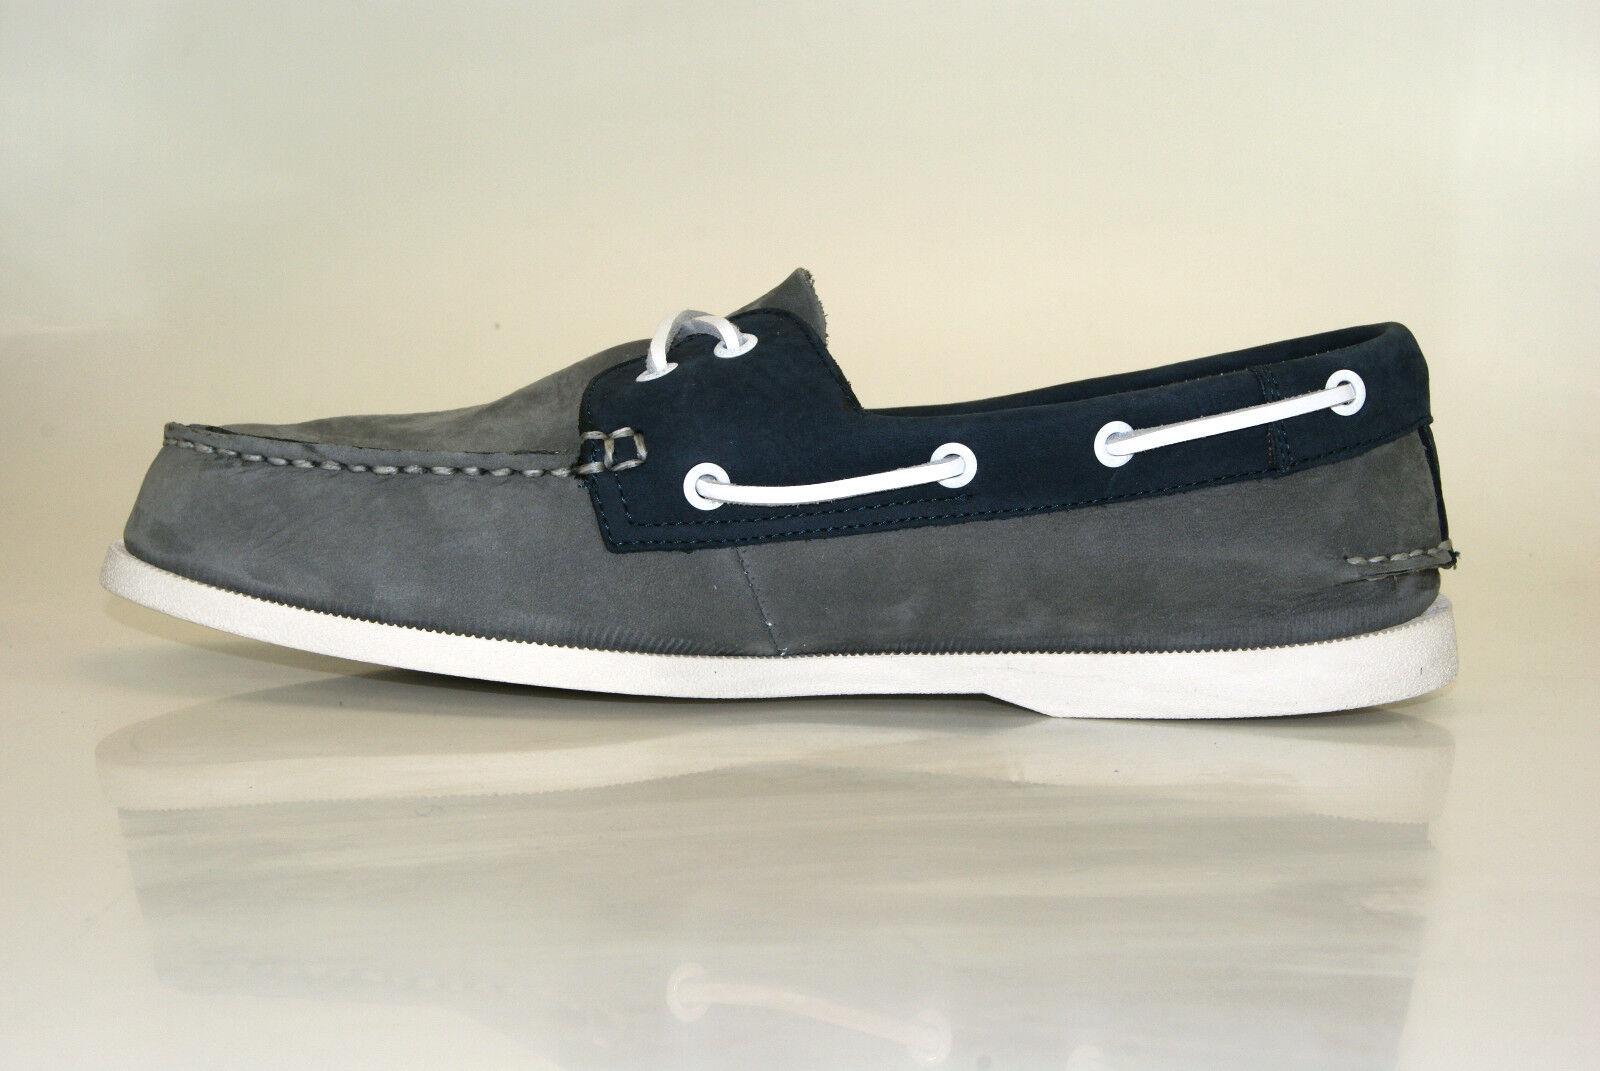 Sperry Top Sider a/o a/o a/o 2-Eye Scarpe da Barca Uomo Basse Vela 1e974d